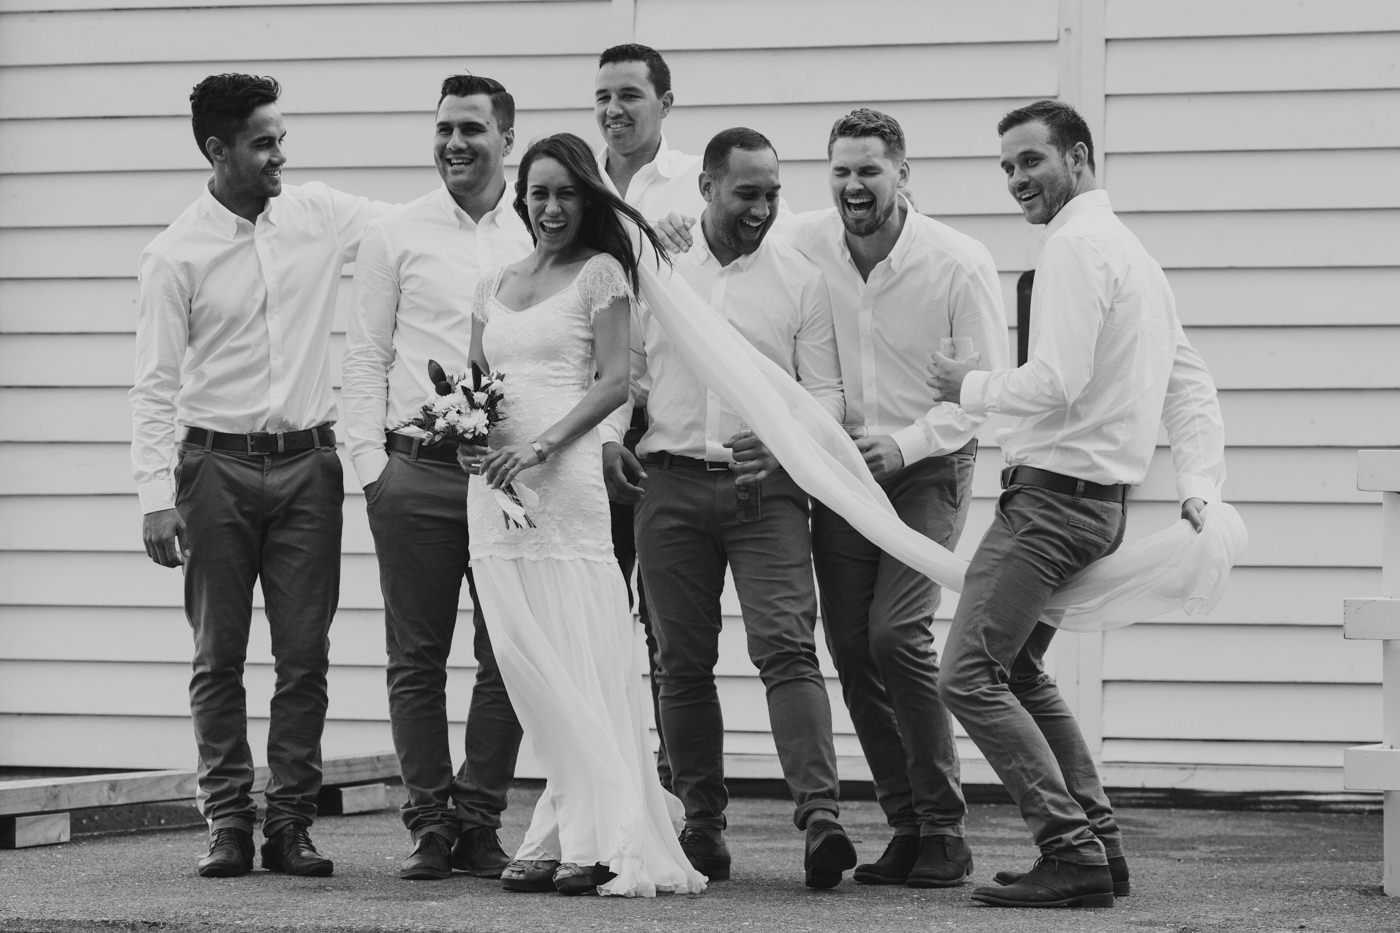 070z_auckland_leigh_wedding_photos.jpg